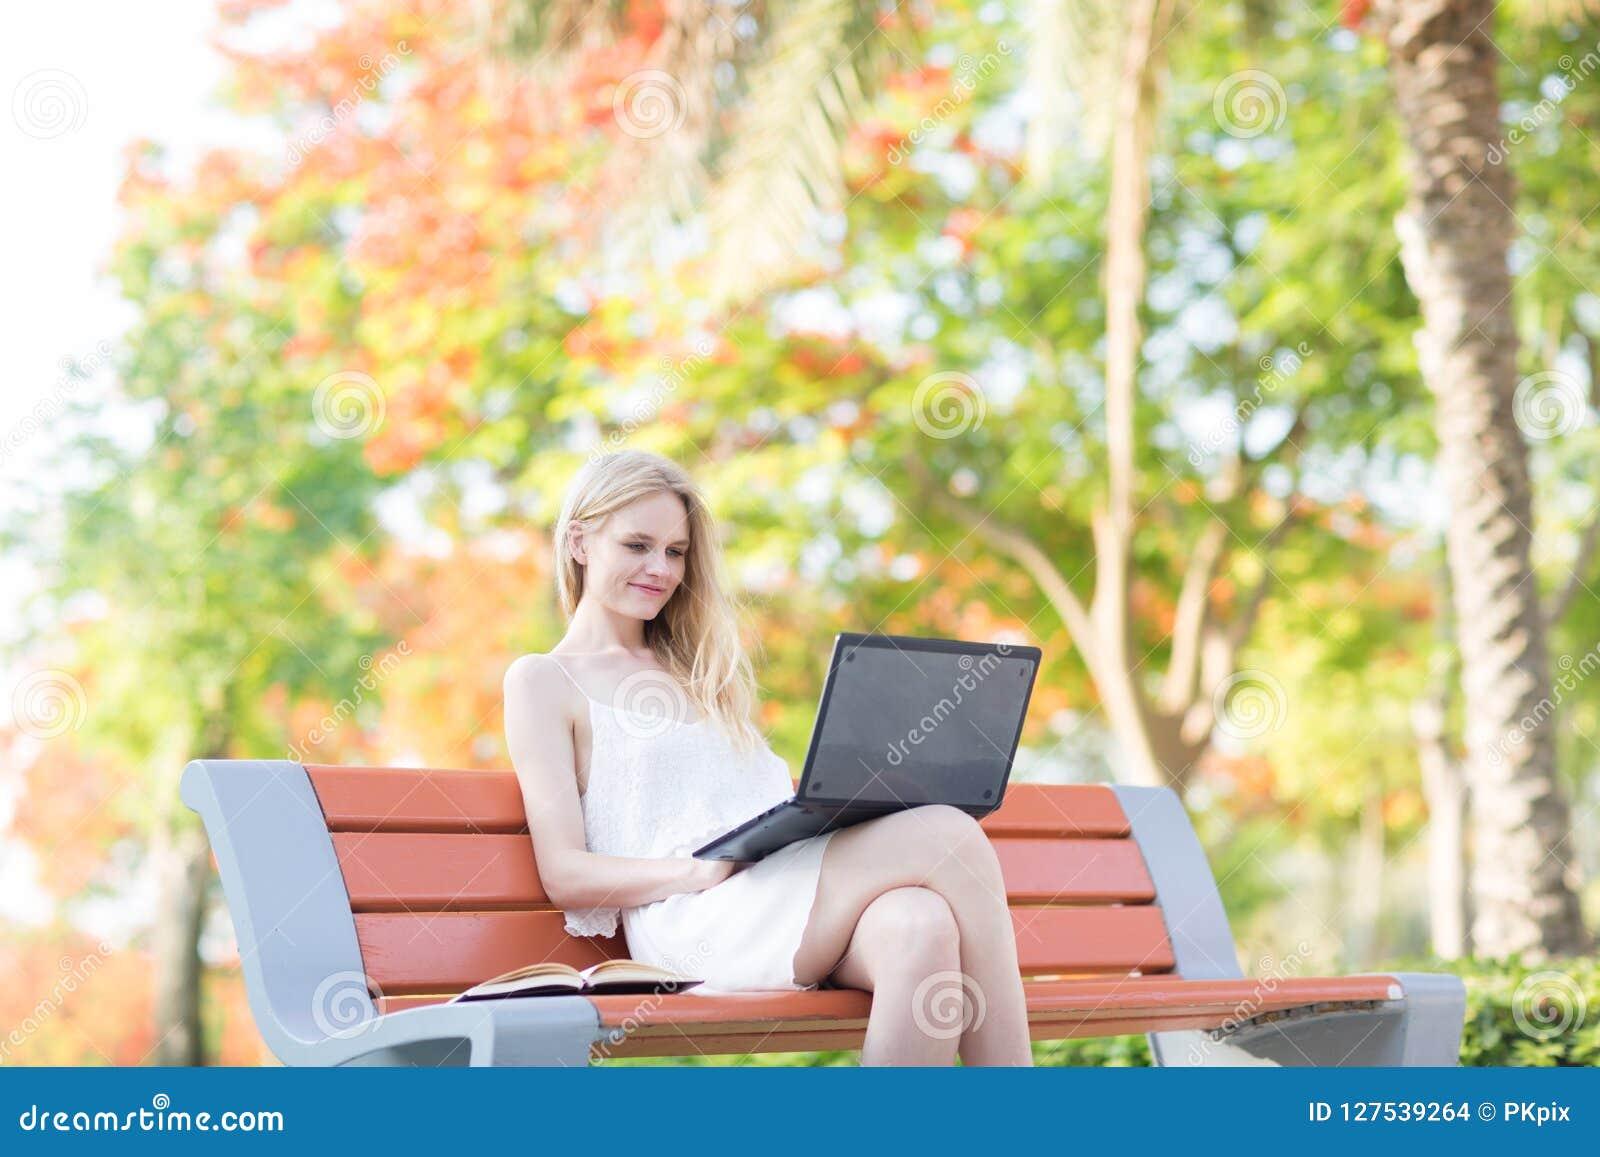 Härligt kvinnasammanträde på en parkerabänk genom att använda en bärbar dator Färgrika träd i bakgrunden